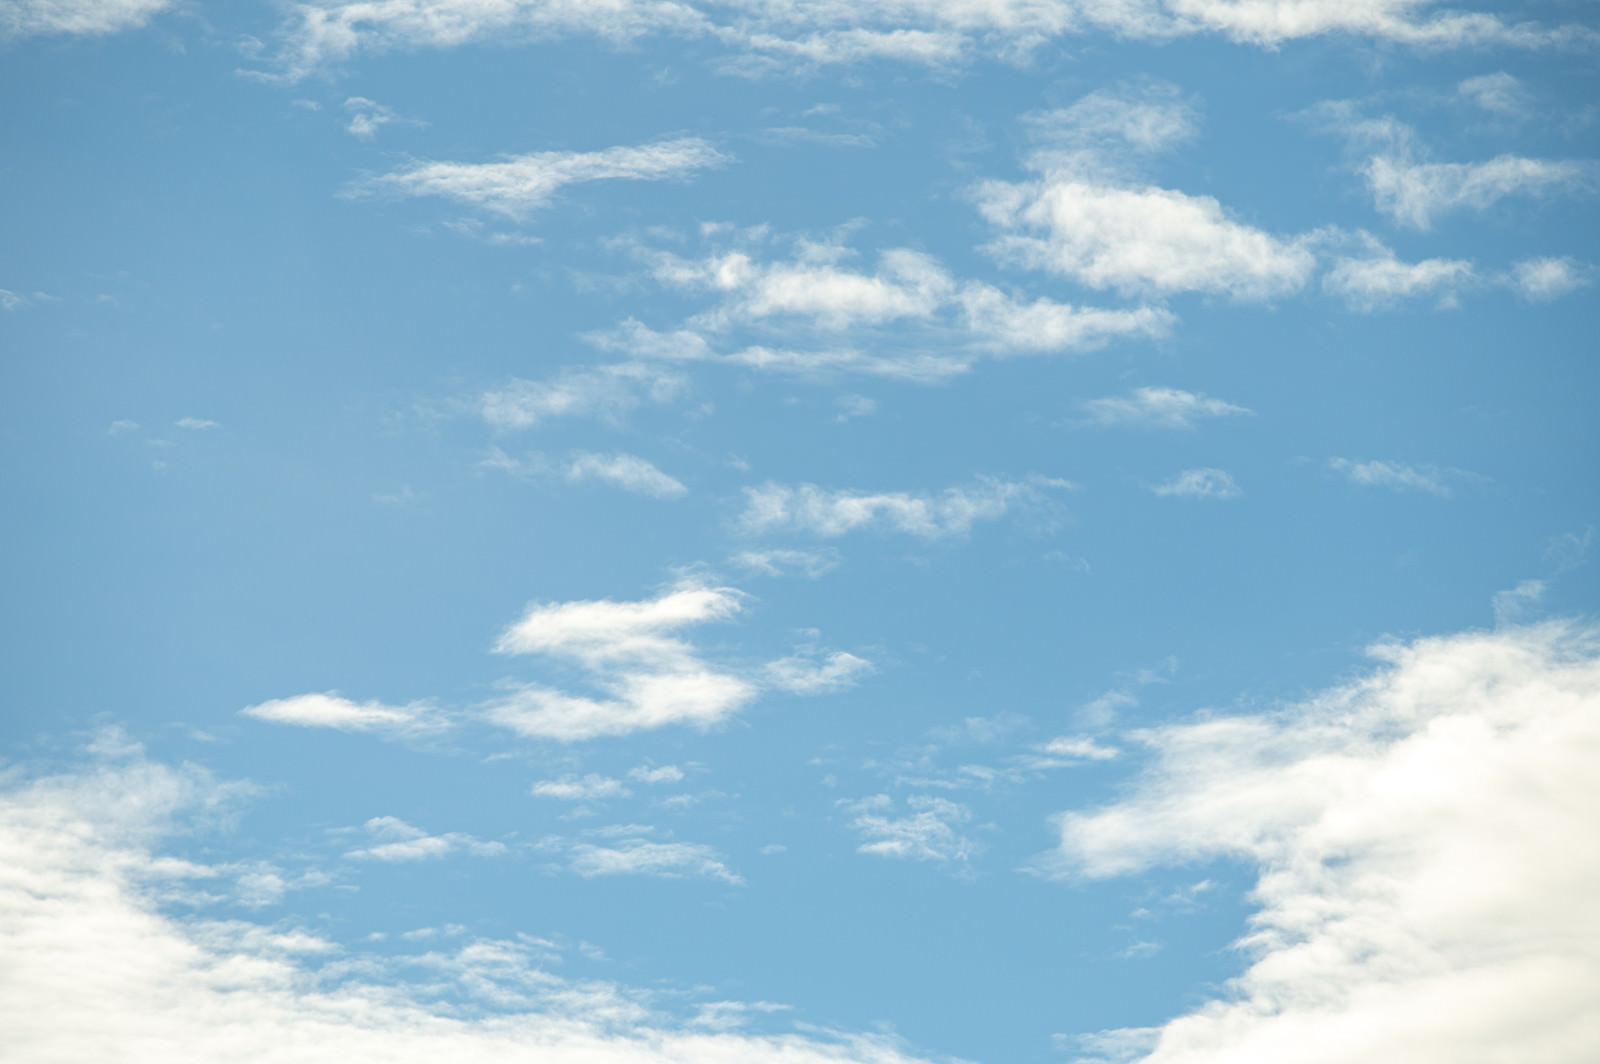 「晴れた空に雲がかかる」の写真